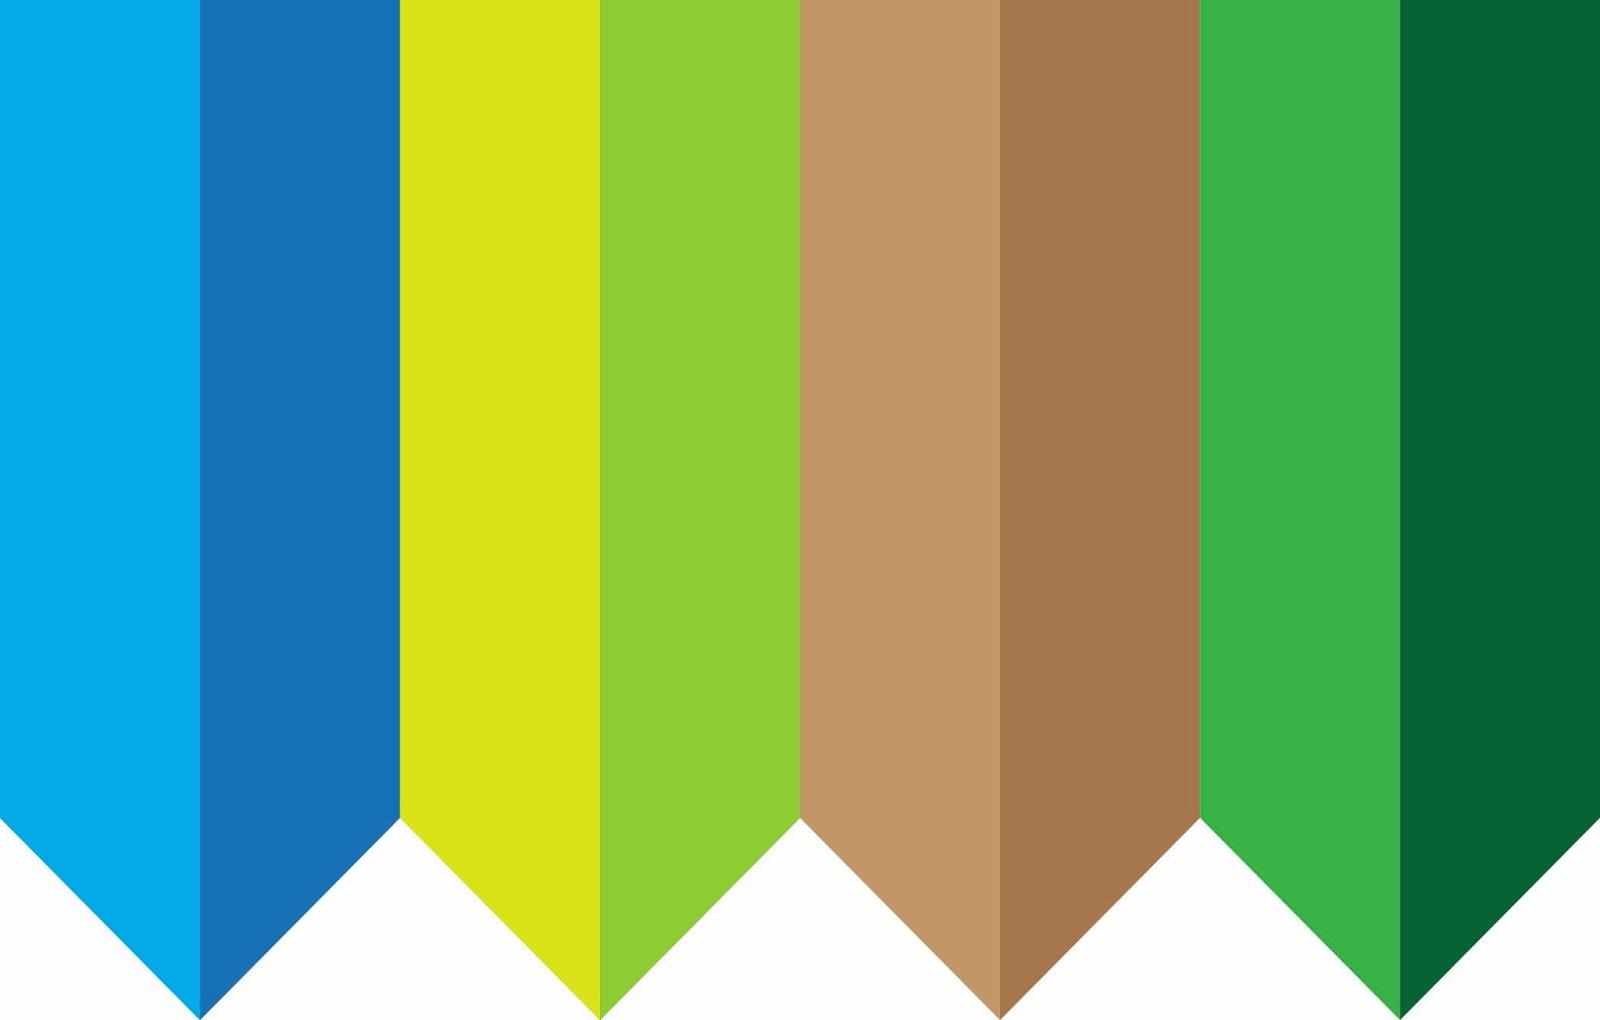 http://3.bp.blogspot.com/-DXsYhvNFI9E/UsAYlRjsmEI/AAAAAAAAAWw/-LWfTXds0bY/s1600/Varairis+Logo.jpg